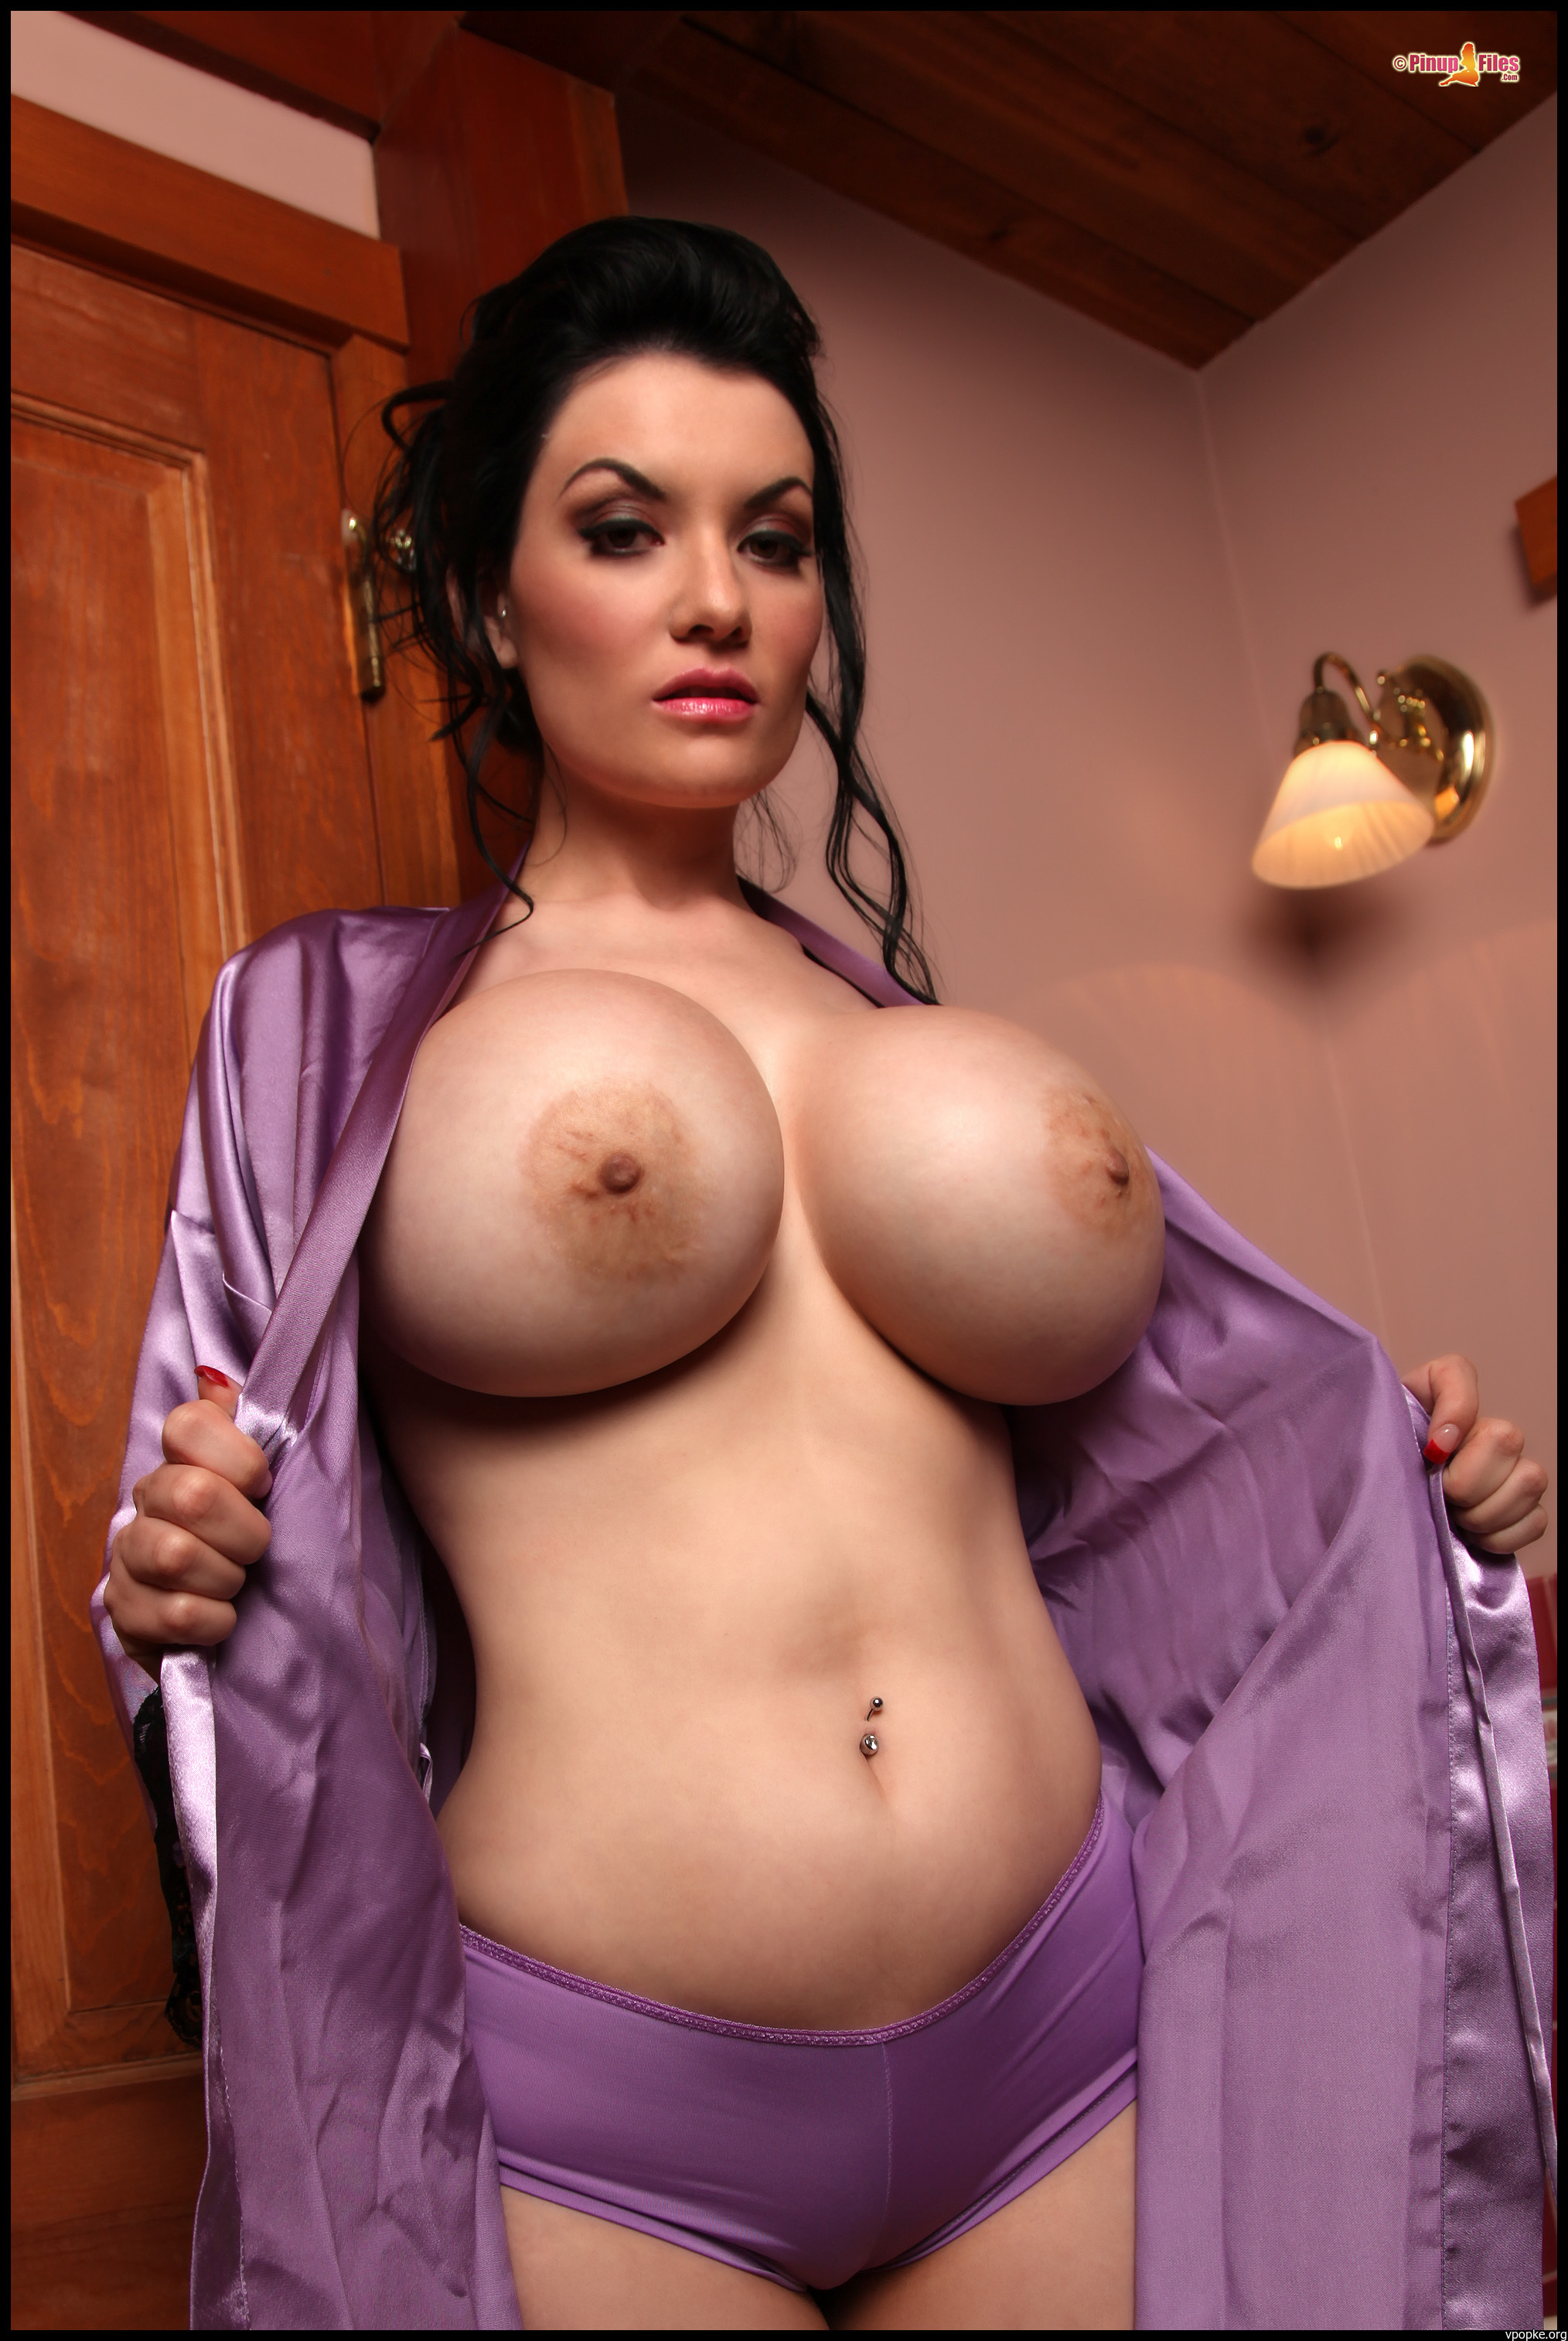 Эротические фото голых некрасивых девушек и эротика красивых